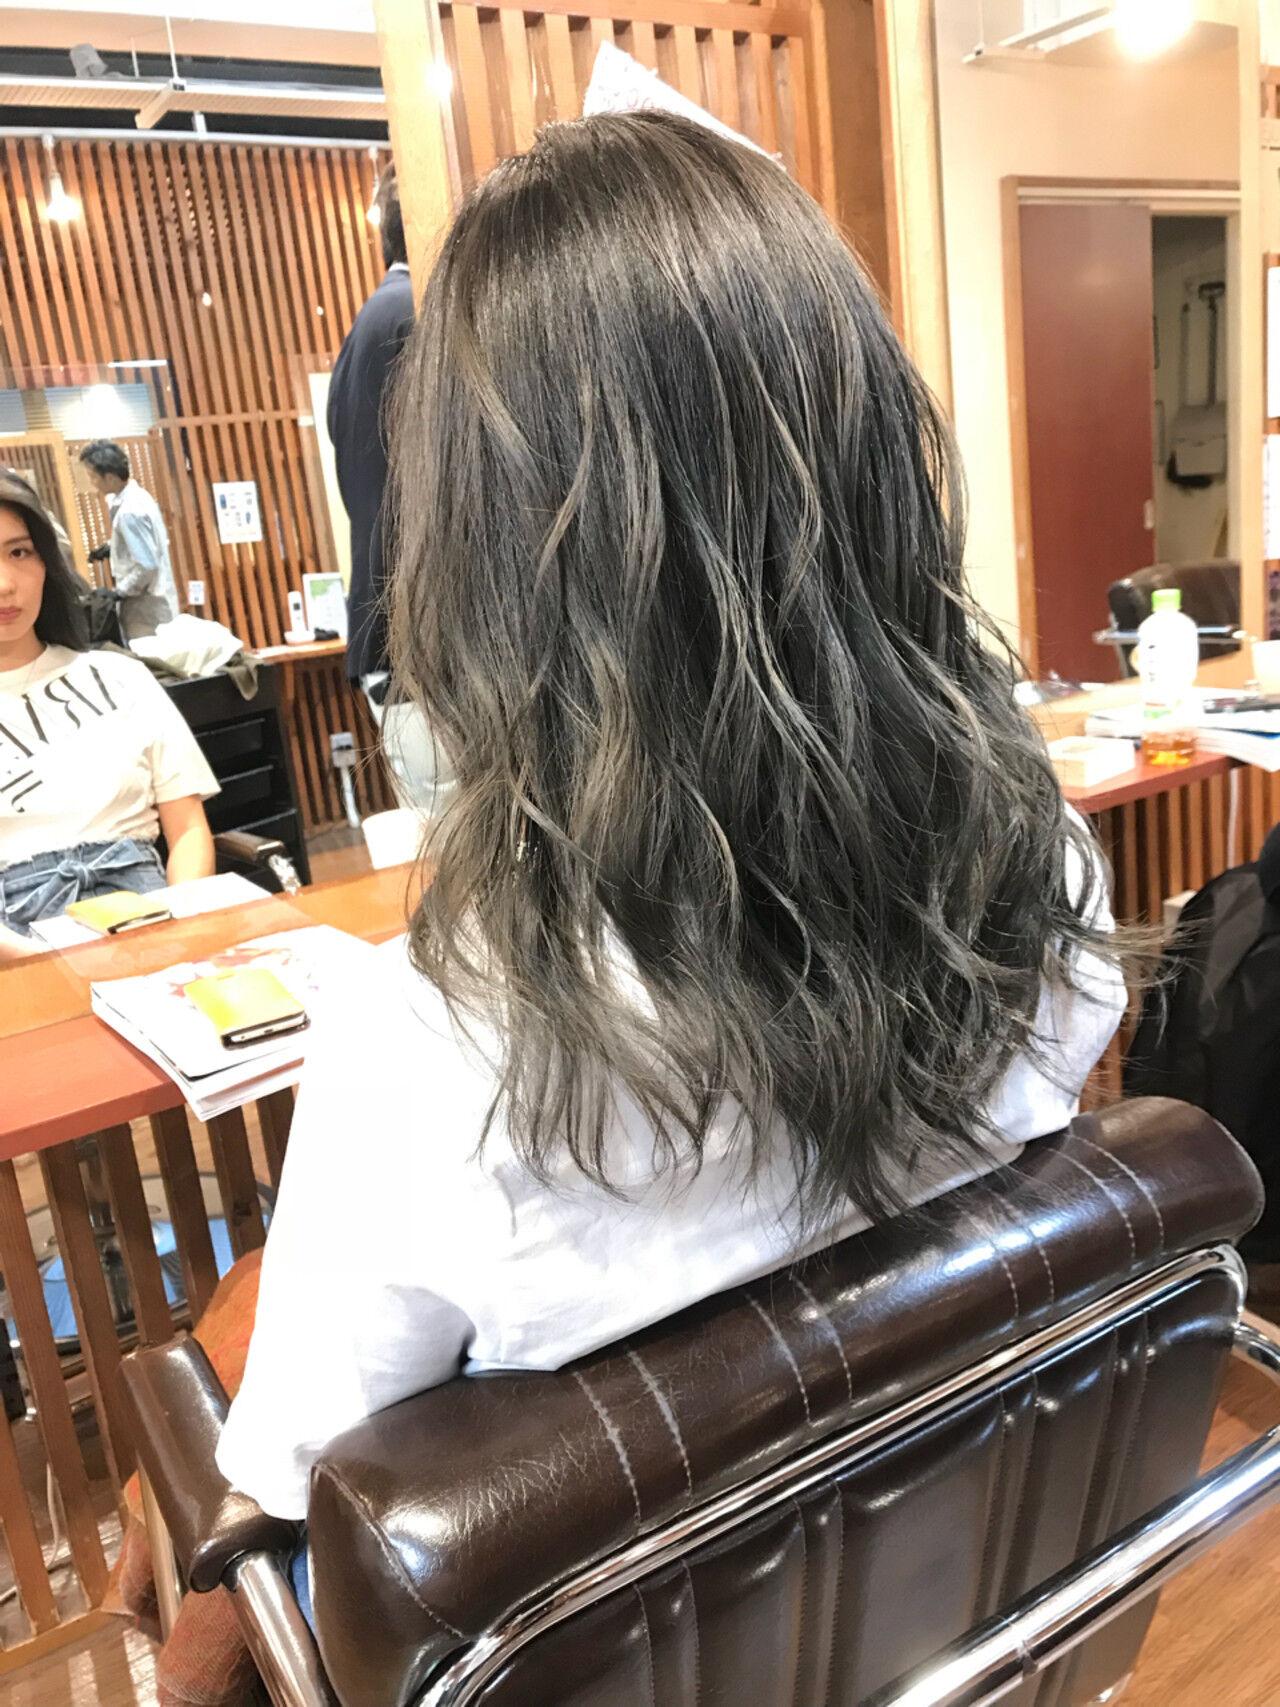 セミロング 上品 ハイライト バレイヤージュヘアスタイルや髪型の写真・画像